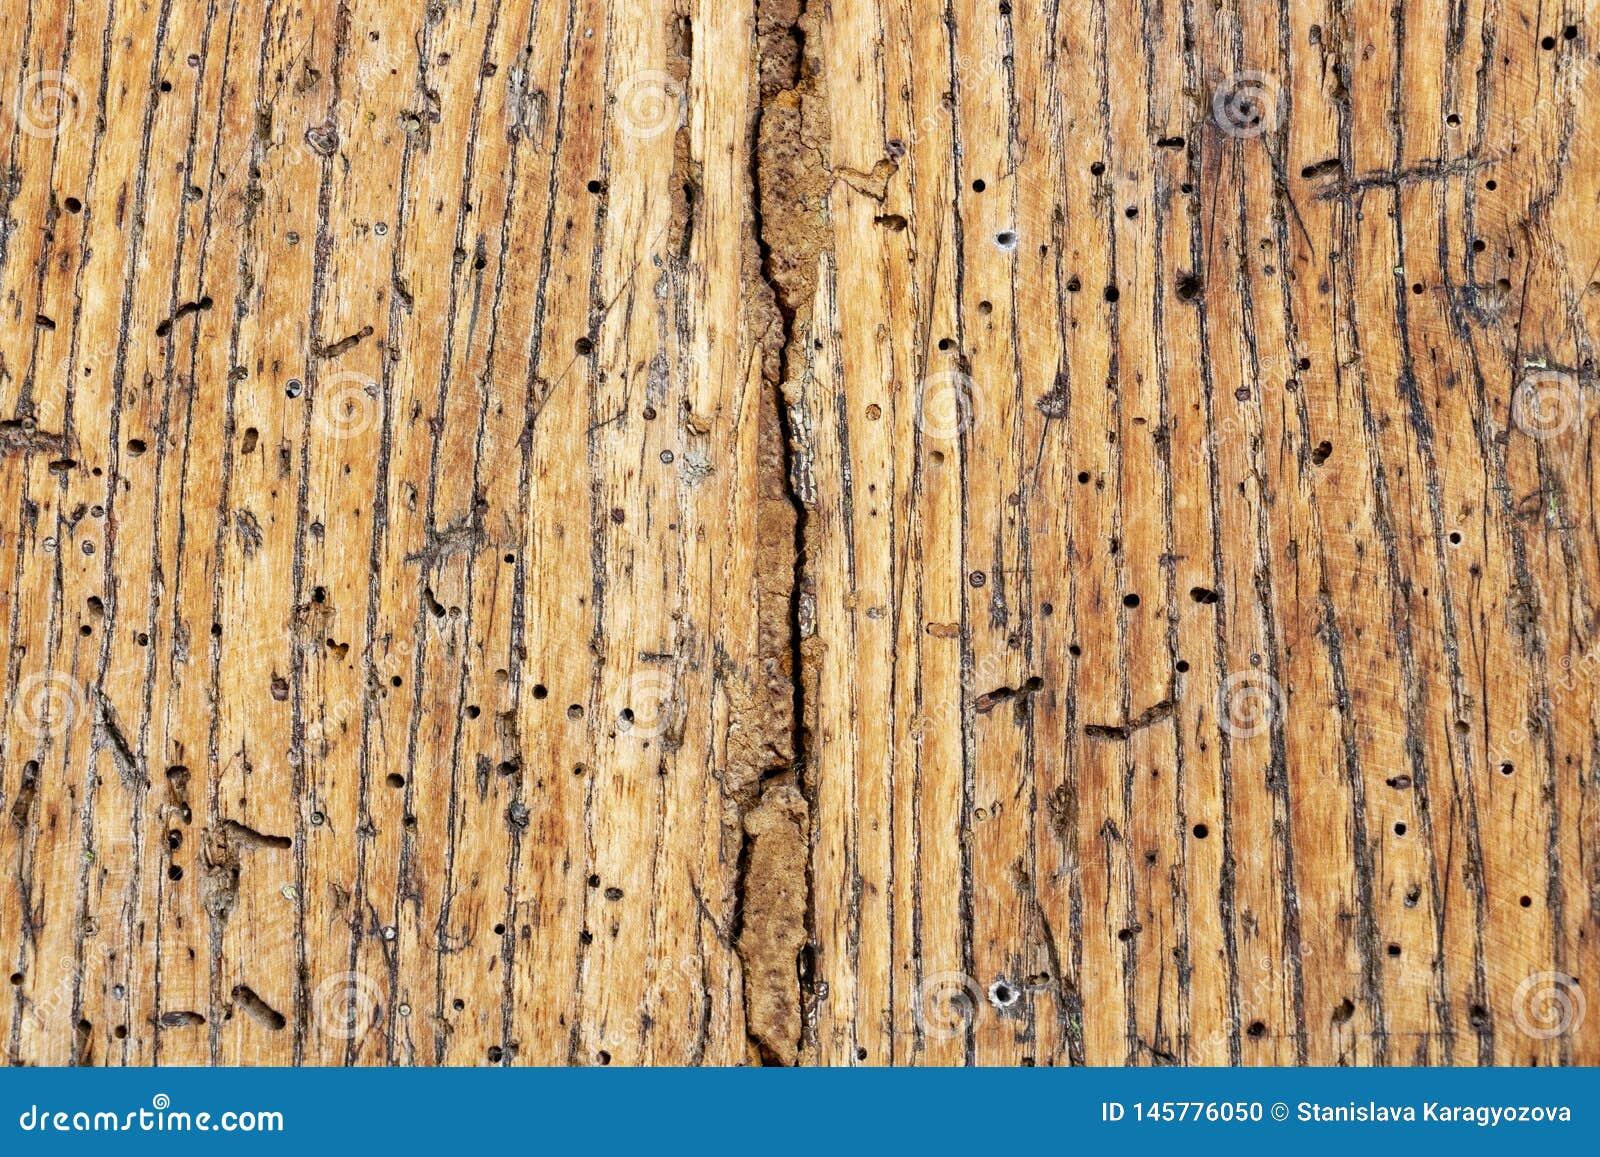 Vieille surface en bois endommagée